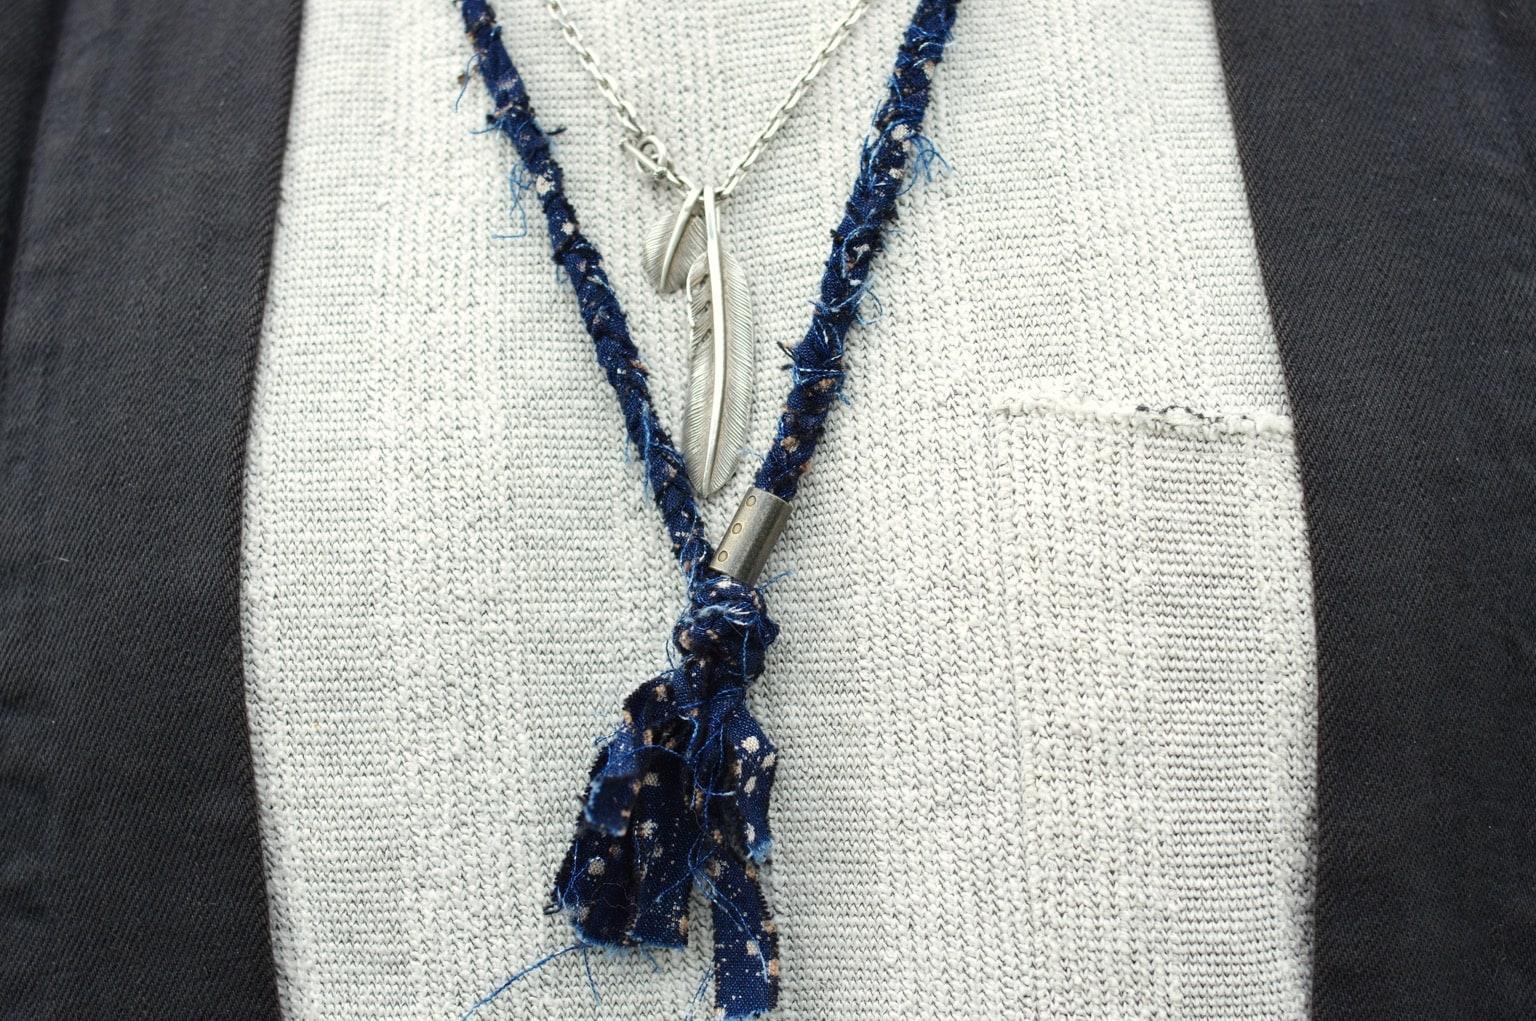 collier tressé en tissus recyclés teinté à l'indigo Borali et necklace First Arrows silver feather